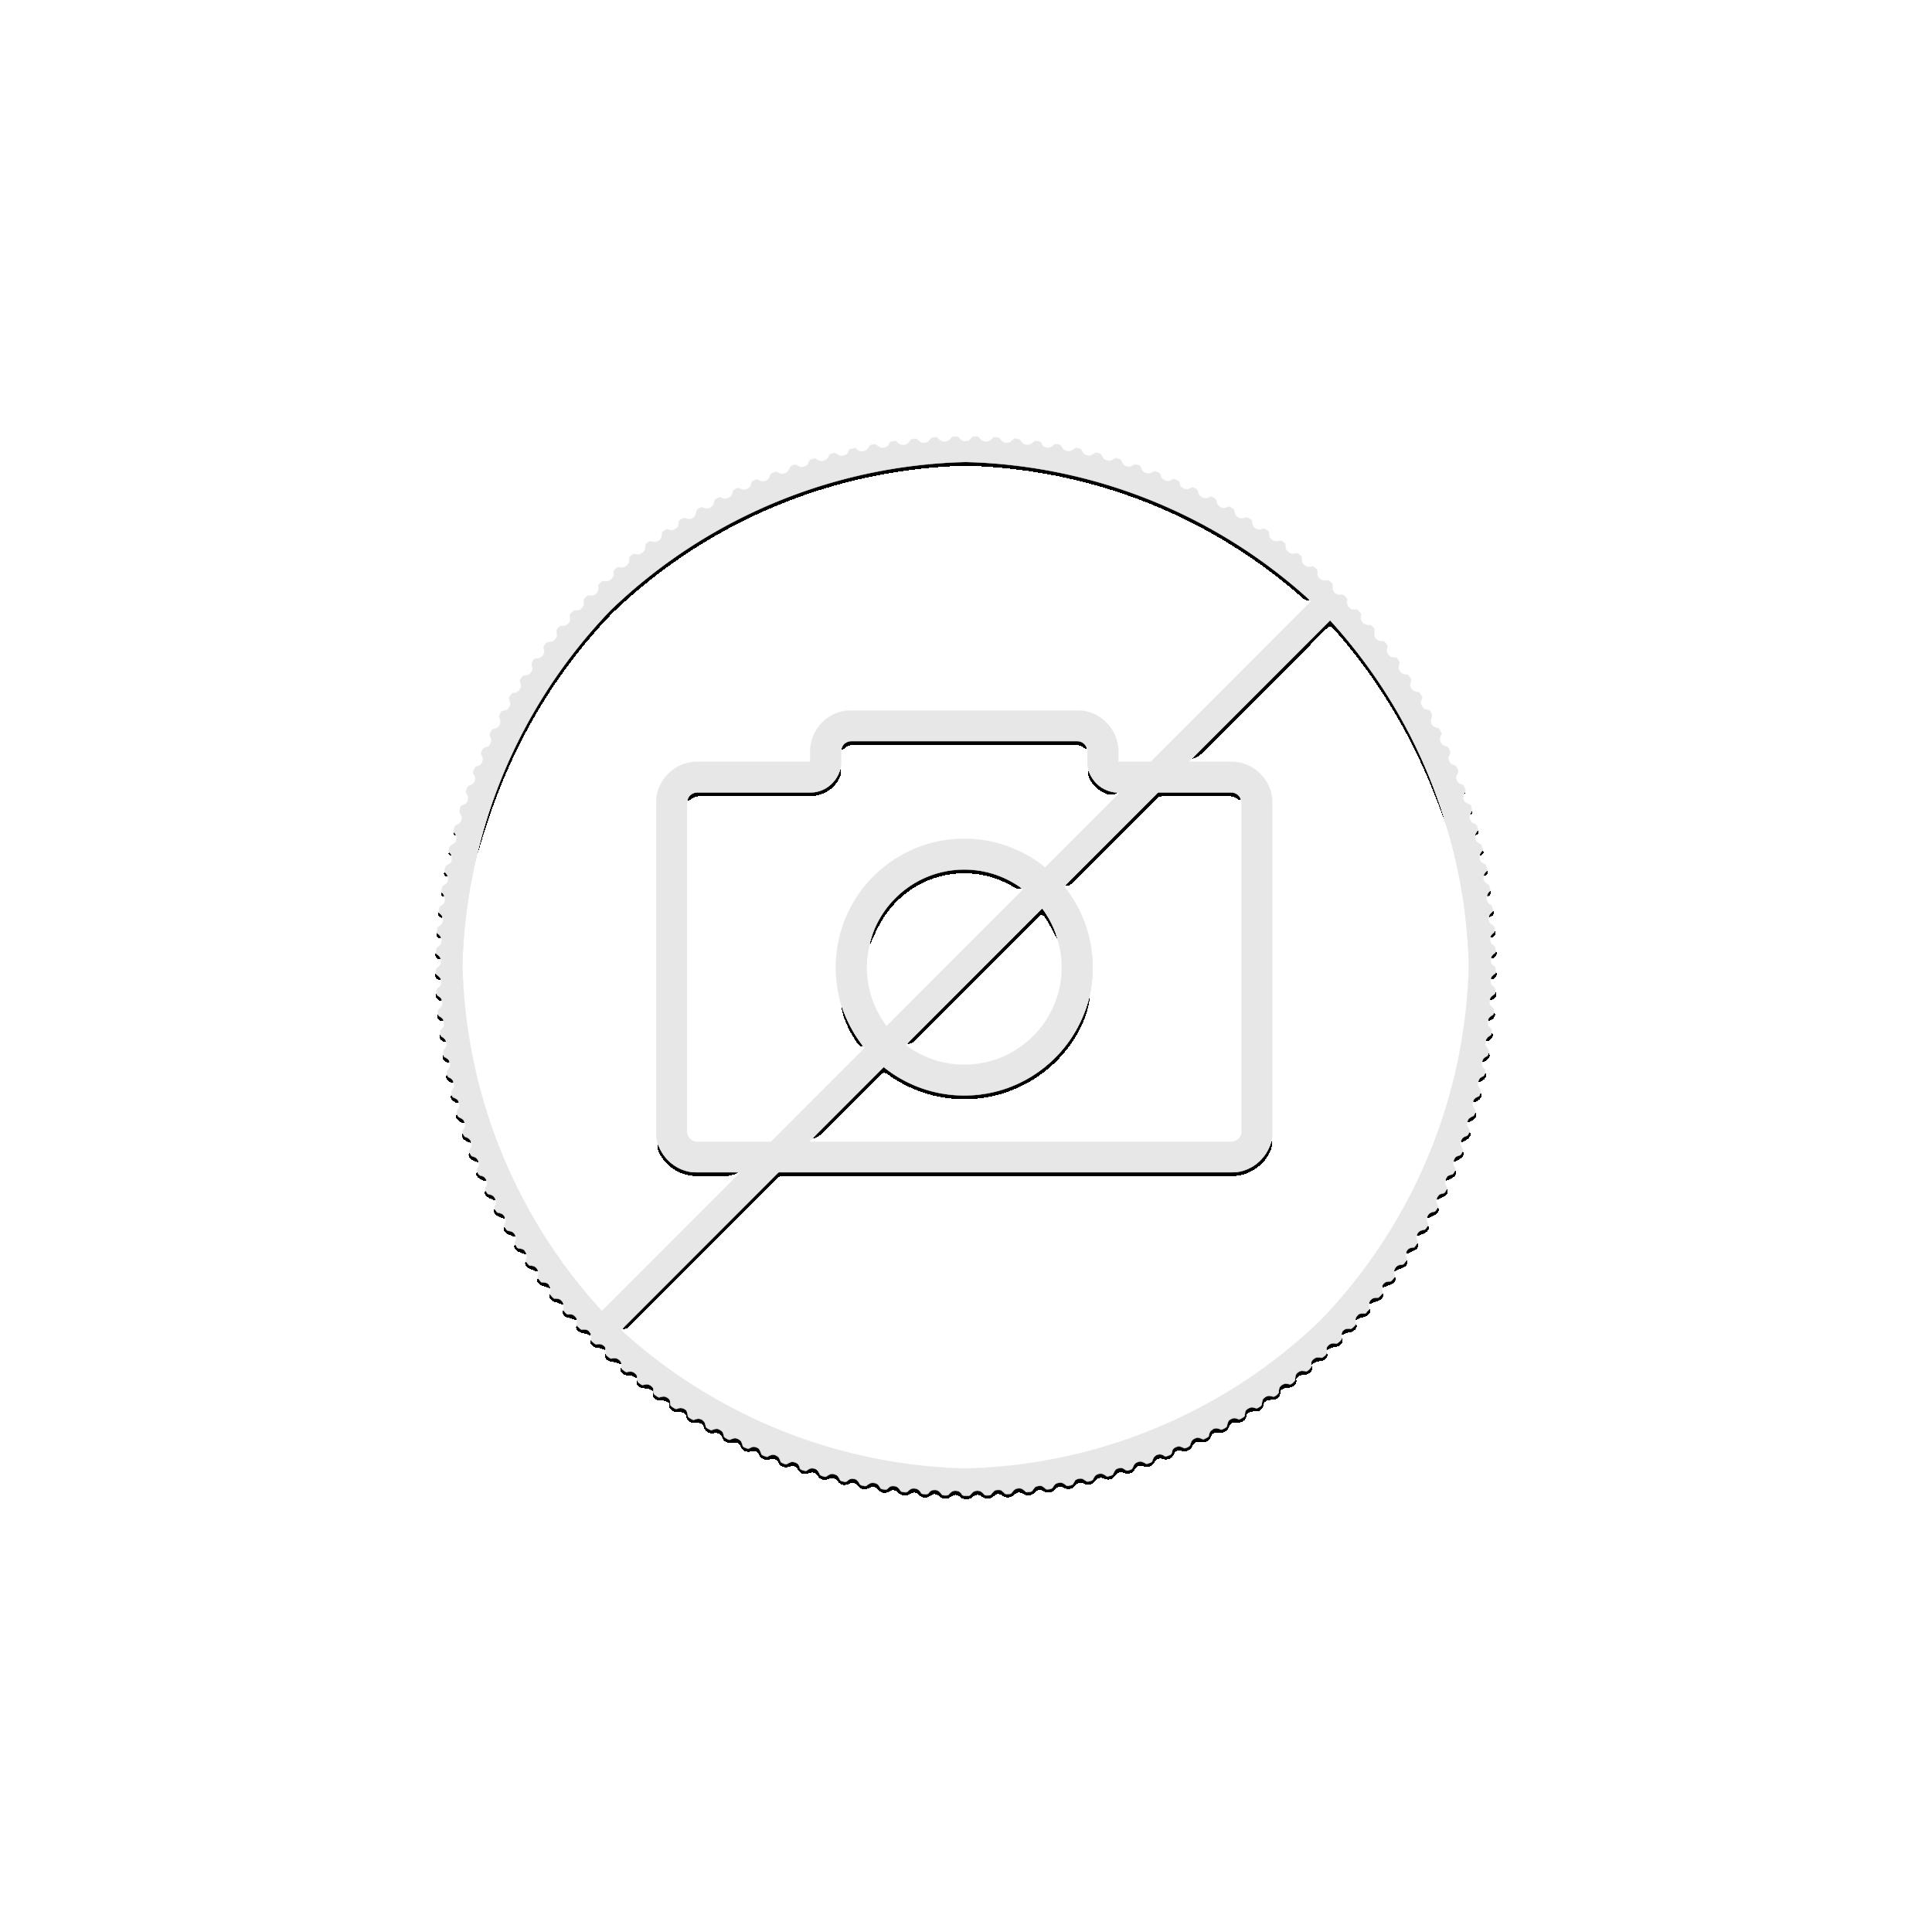 10 troy ounce zilveren Lunar munt 2019 - het jaar van het varken